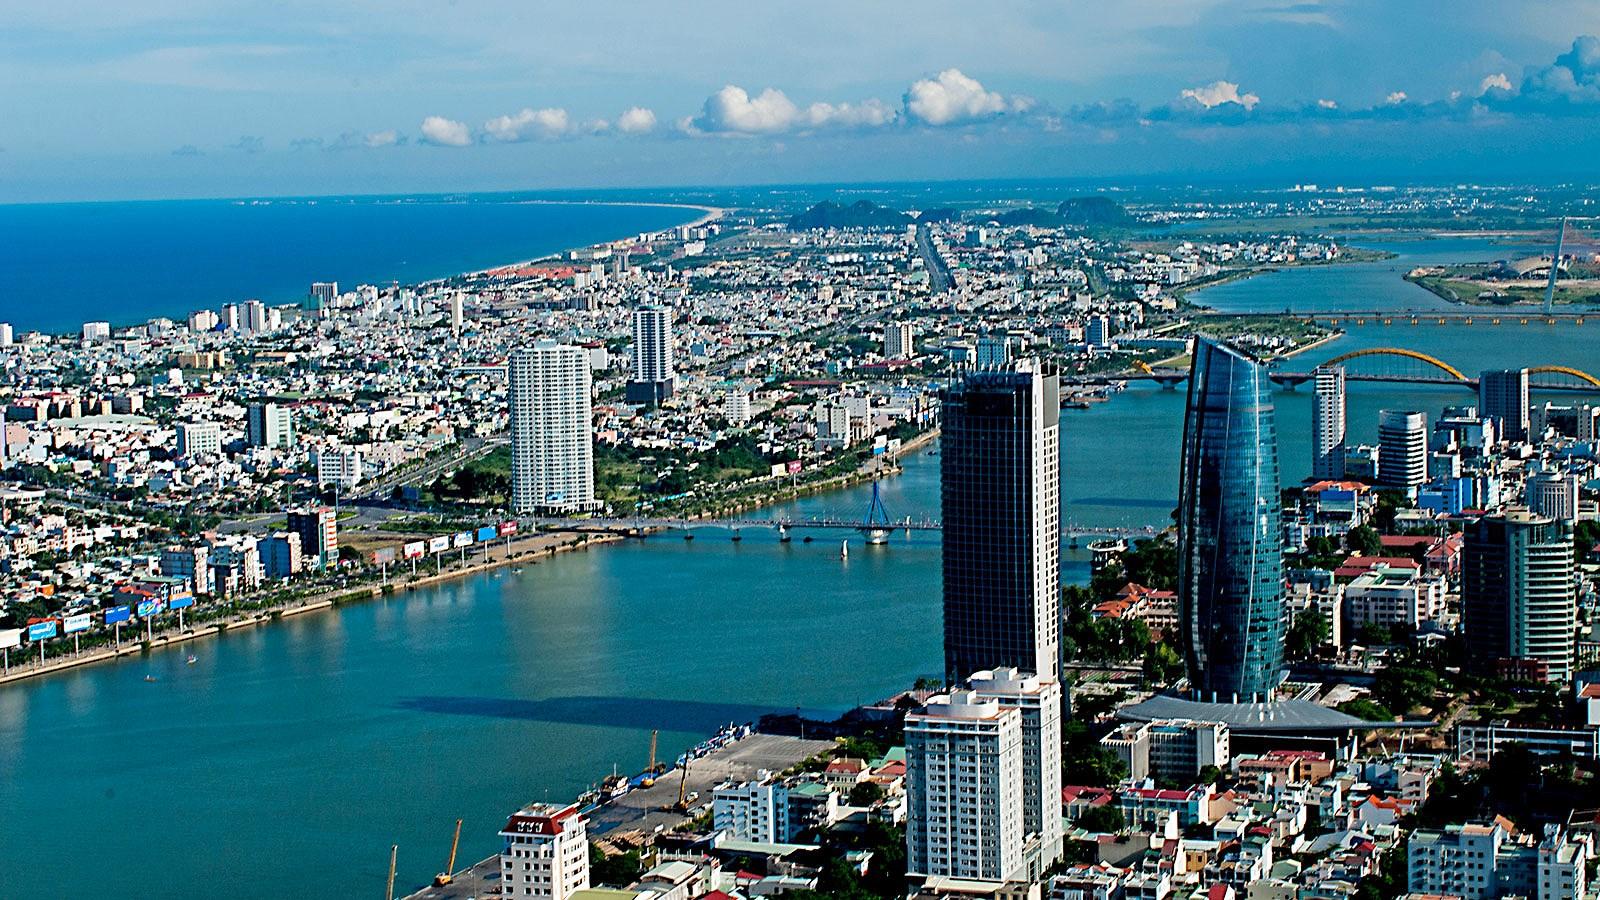 Hình ảnh thành phố Đà nẵng đẹp